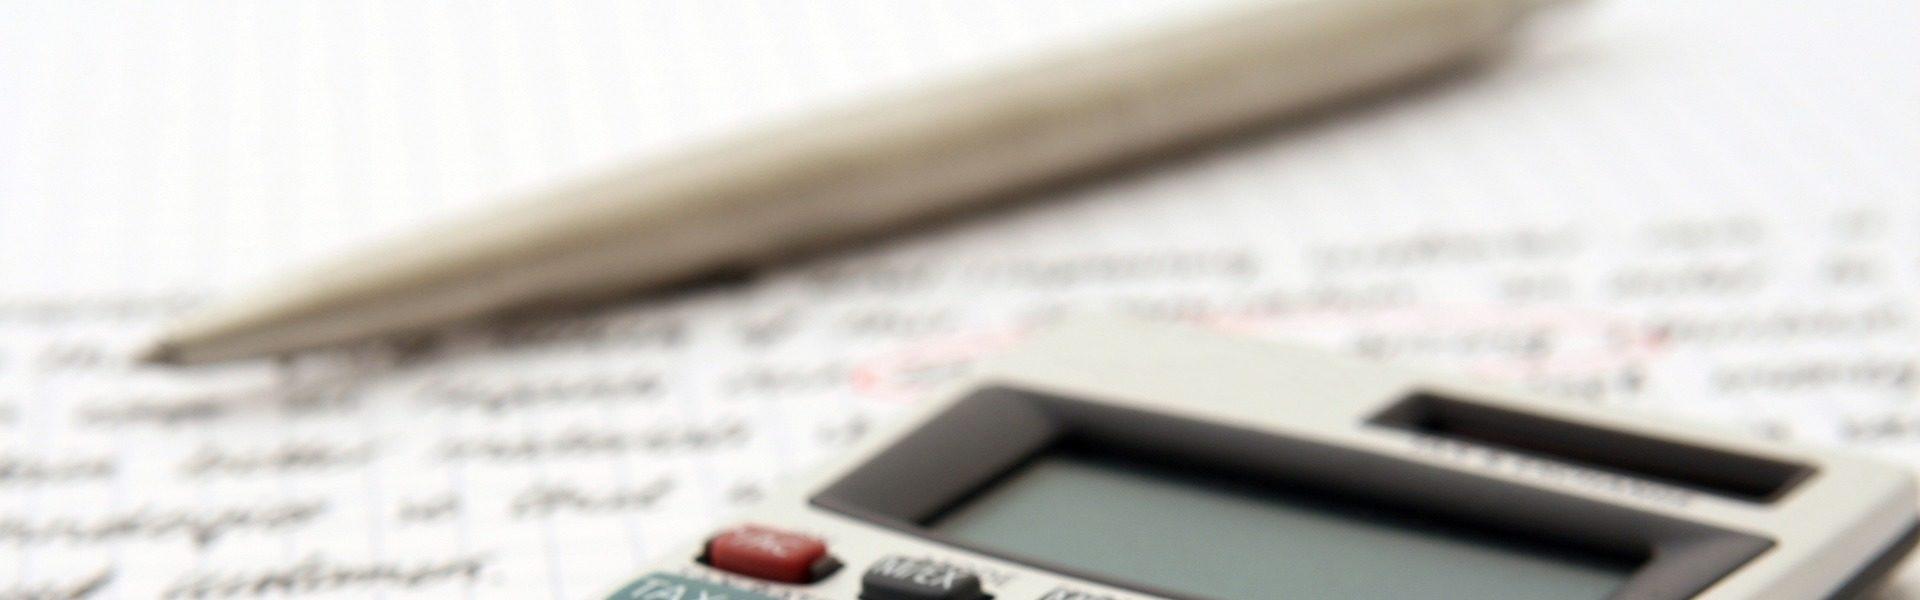 Księgowość Podatki Analizy